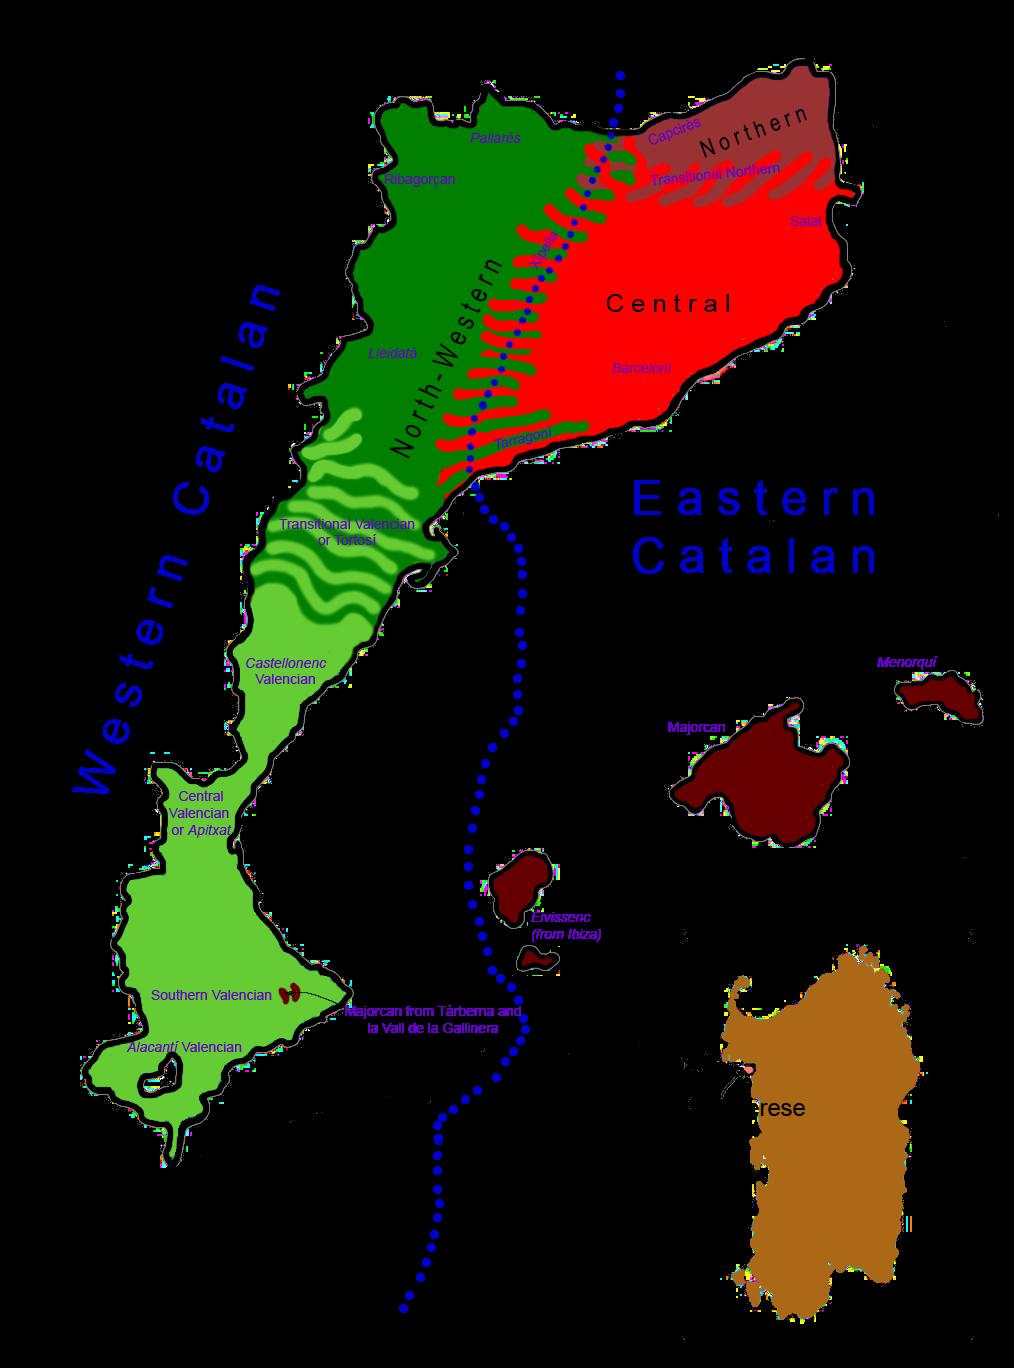 Ausbau llengües 3